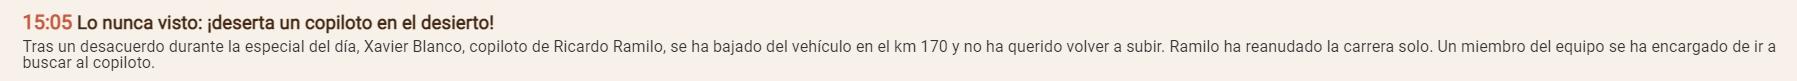 2021 43º Rallye Raid Dakar - Arabia Saudí [3-15 Enero] - Página 14 3218824407b68866da57a314600bedae